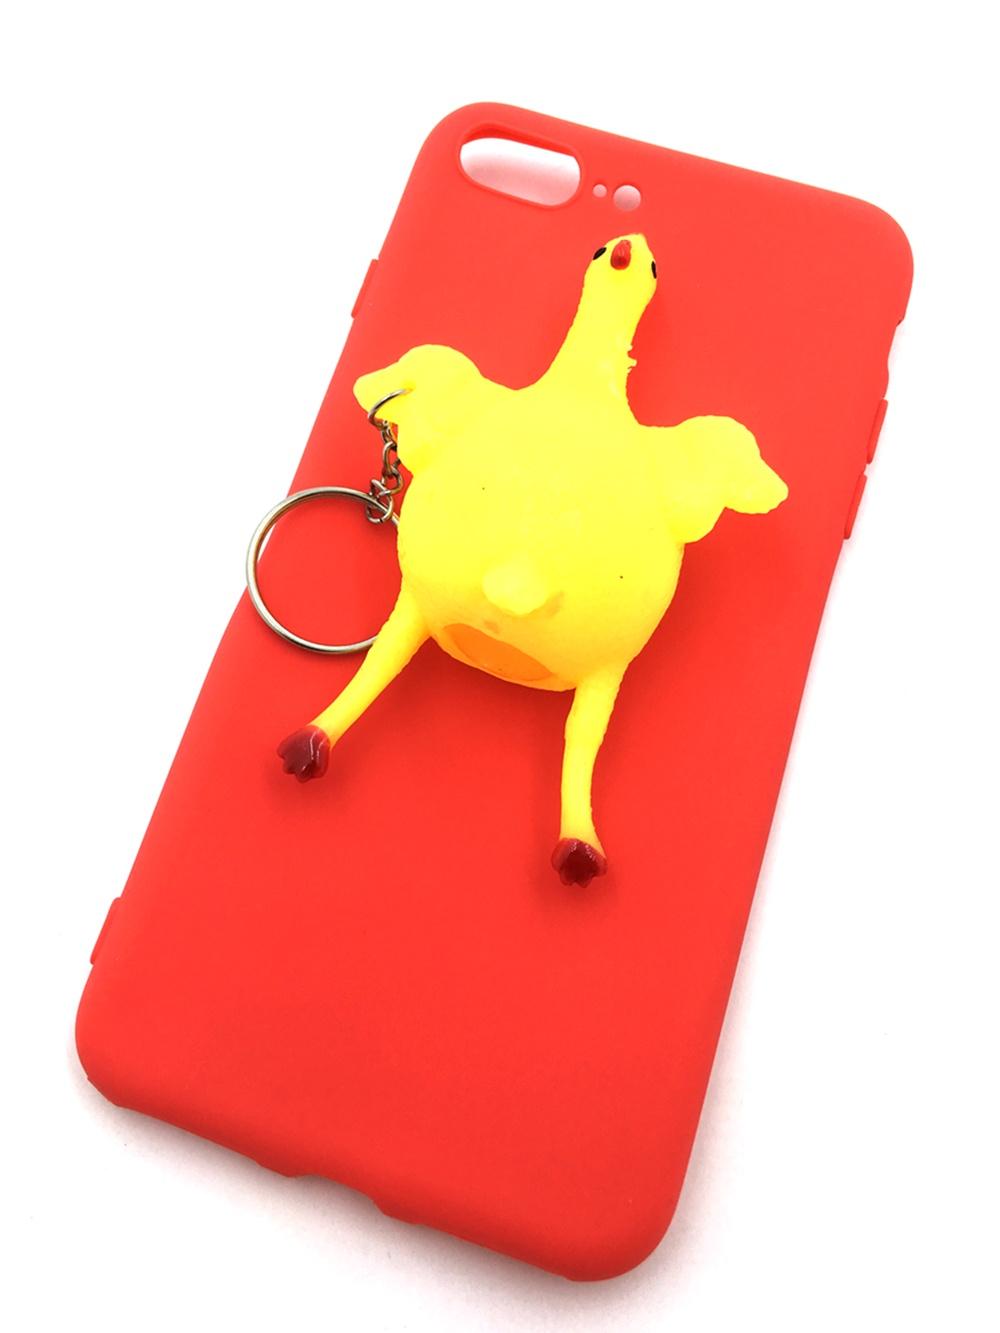 лучшая цена Чехол для сотового телефона Мобильная мода iPhone 7 Plus Накладка резиновая 3D, Курица, 7145, красный